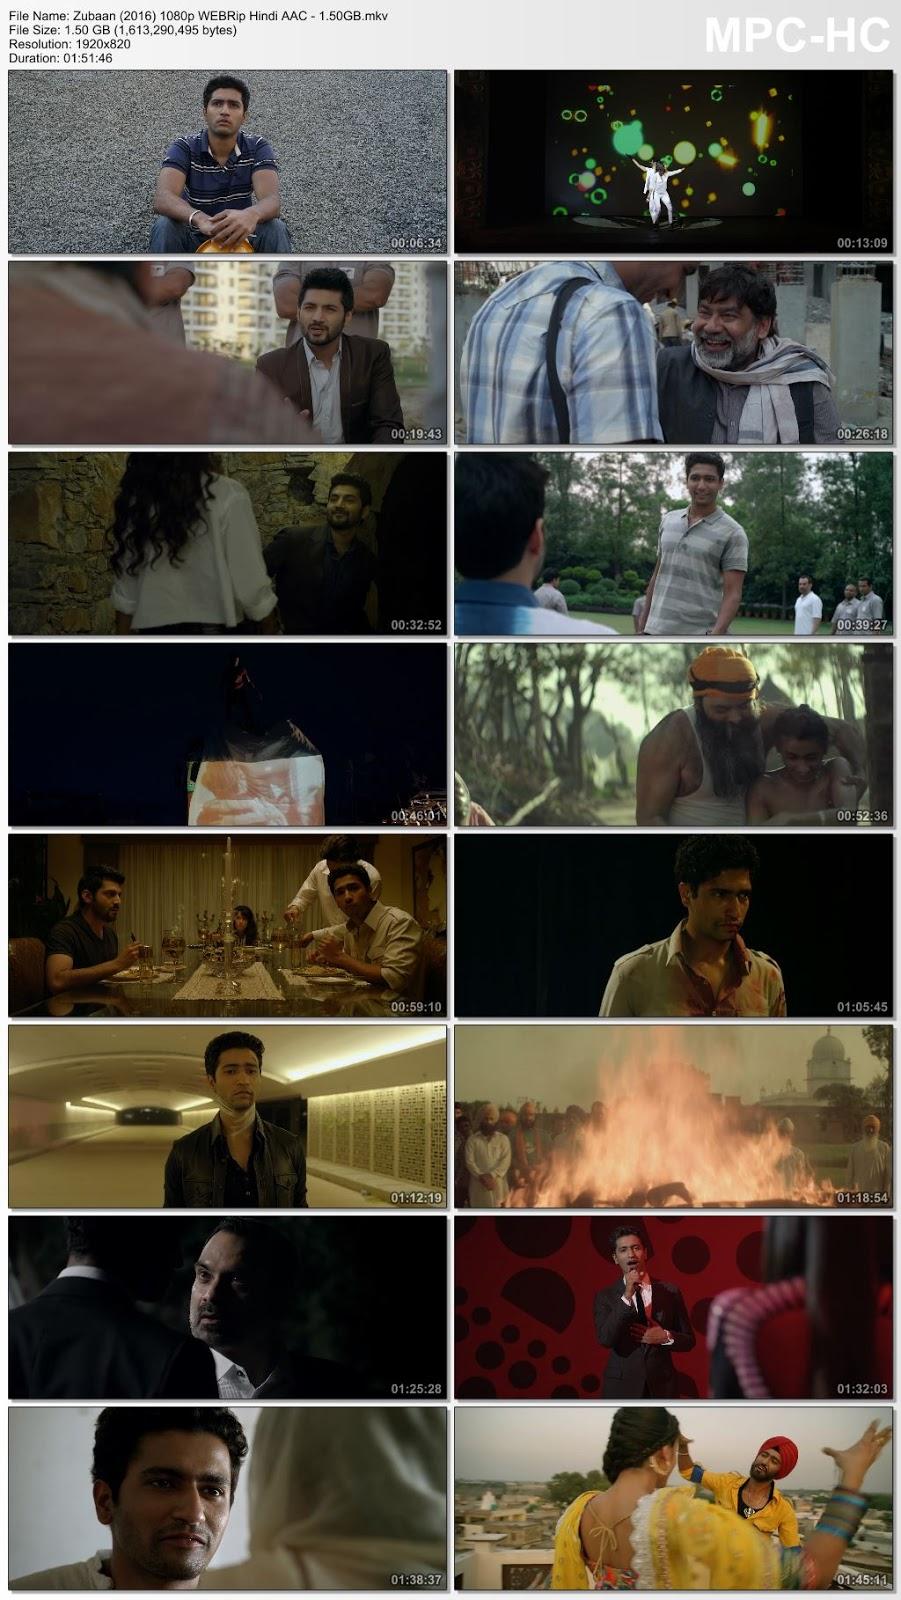 Zubaan (2016) Hindi 1080p WEBRip Hindi AAC – 1.5GB Desirehub